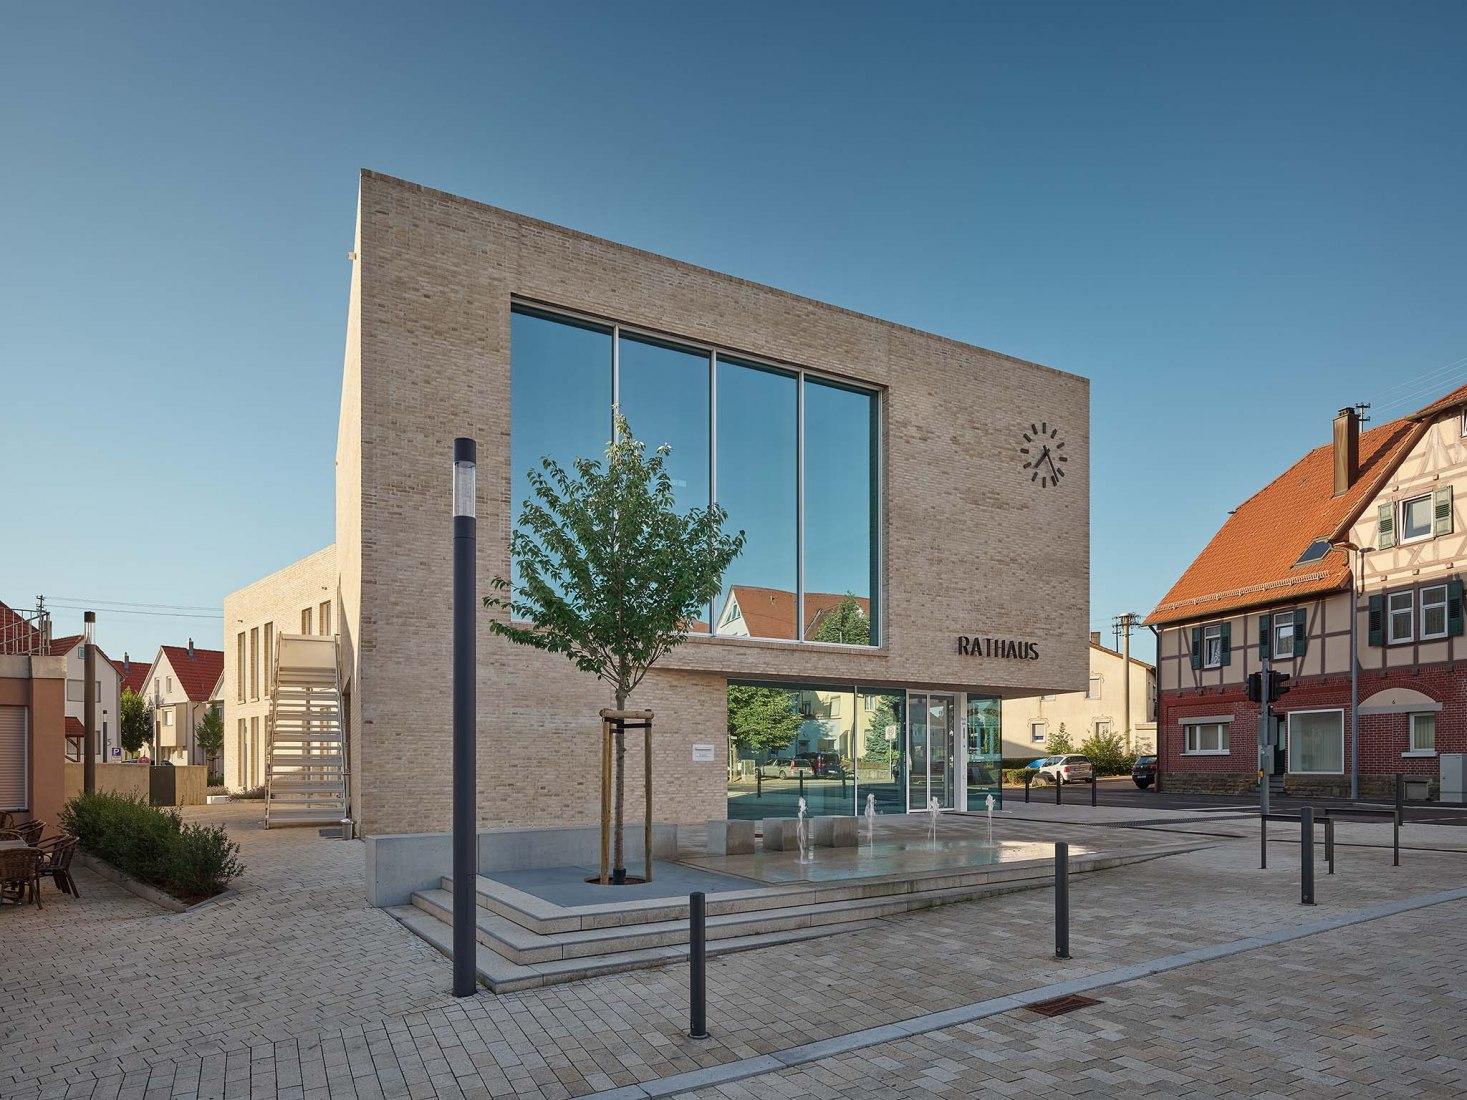 Nuevo edificio del Ayuntamiento de Baltmannsweiler por Zoll Architekten. Fotografía por Zooey Braun